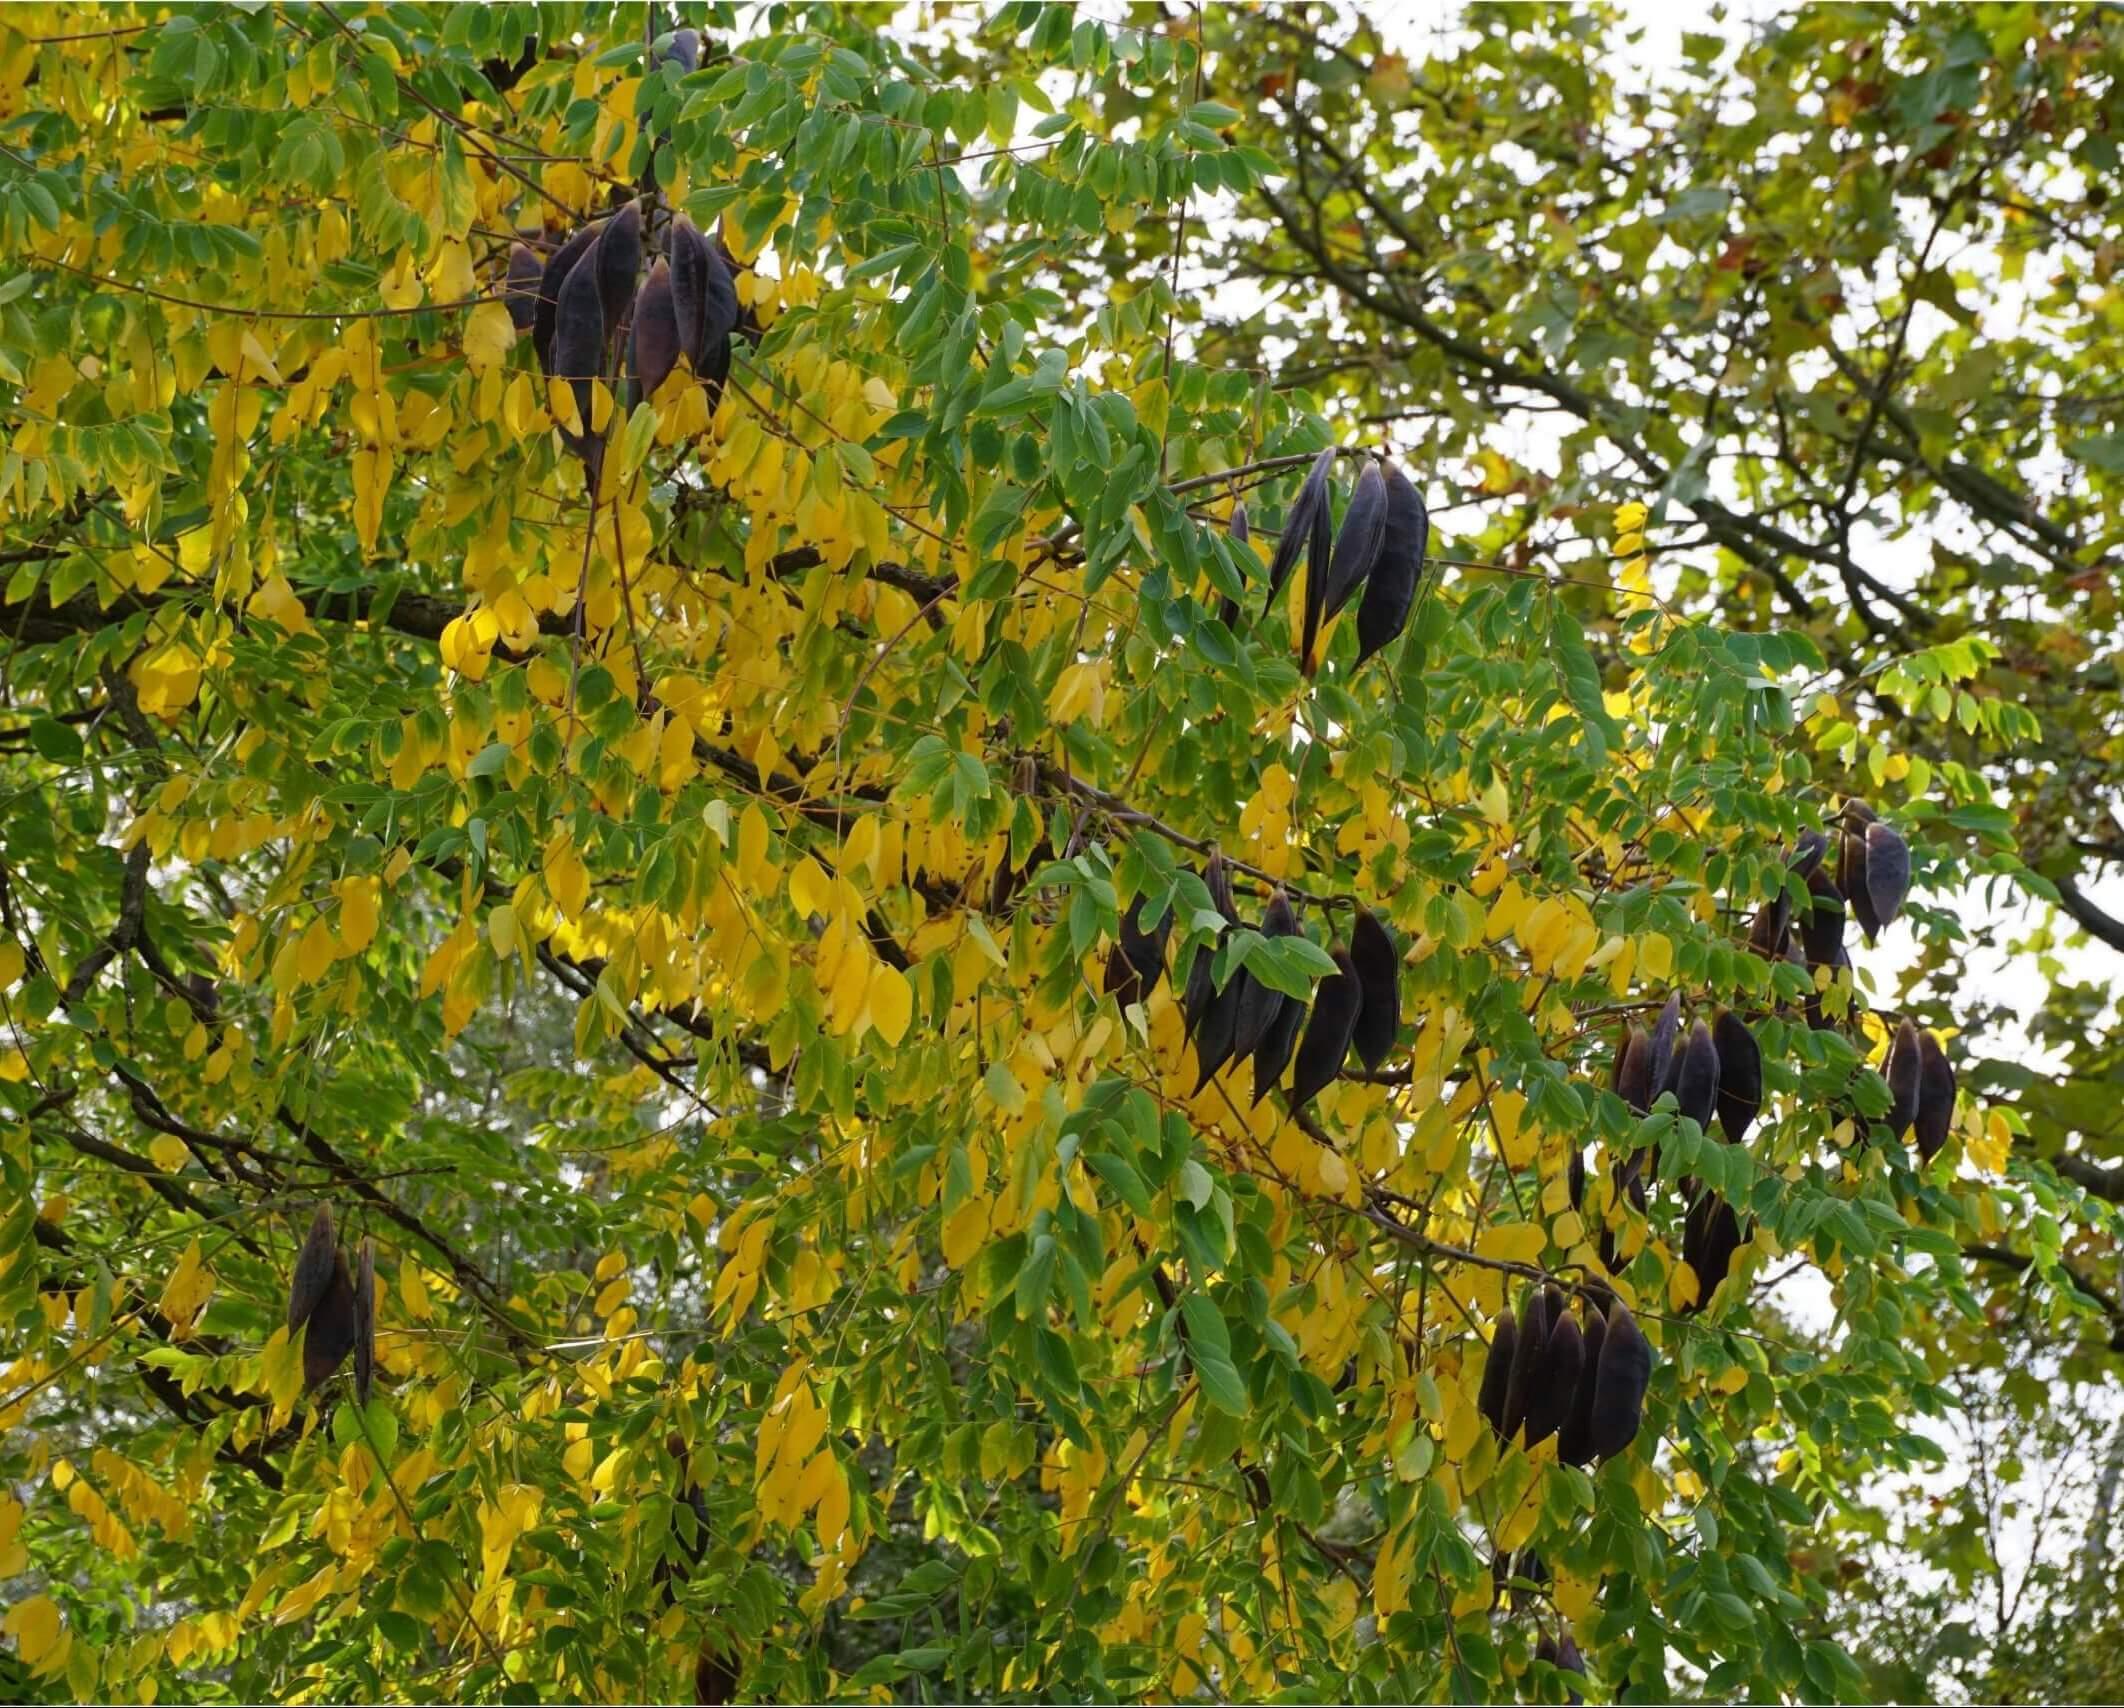 Das Bild zeigt die dunkelbraunen, recht großen Fruchthülsen in der Krone des Geweihbaumes im Herbst, die sich vom gelbgrünen Laub abheben. Sie erinnern an die in den Ästen von Bäumen hängenden Flughunde Neuguineas. Das Foto entstand an einem weiblichen Exemplar an der Schönefelder Chaussee im Kosmosviertel.